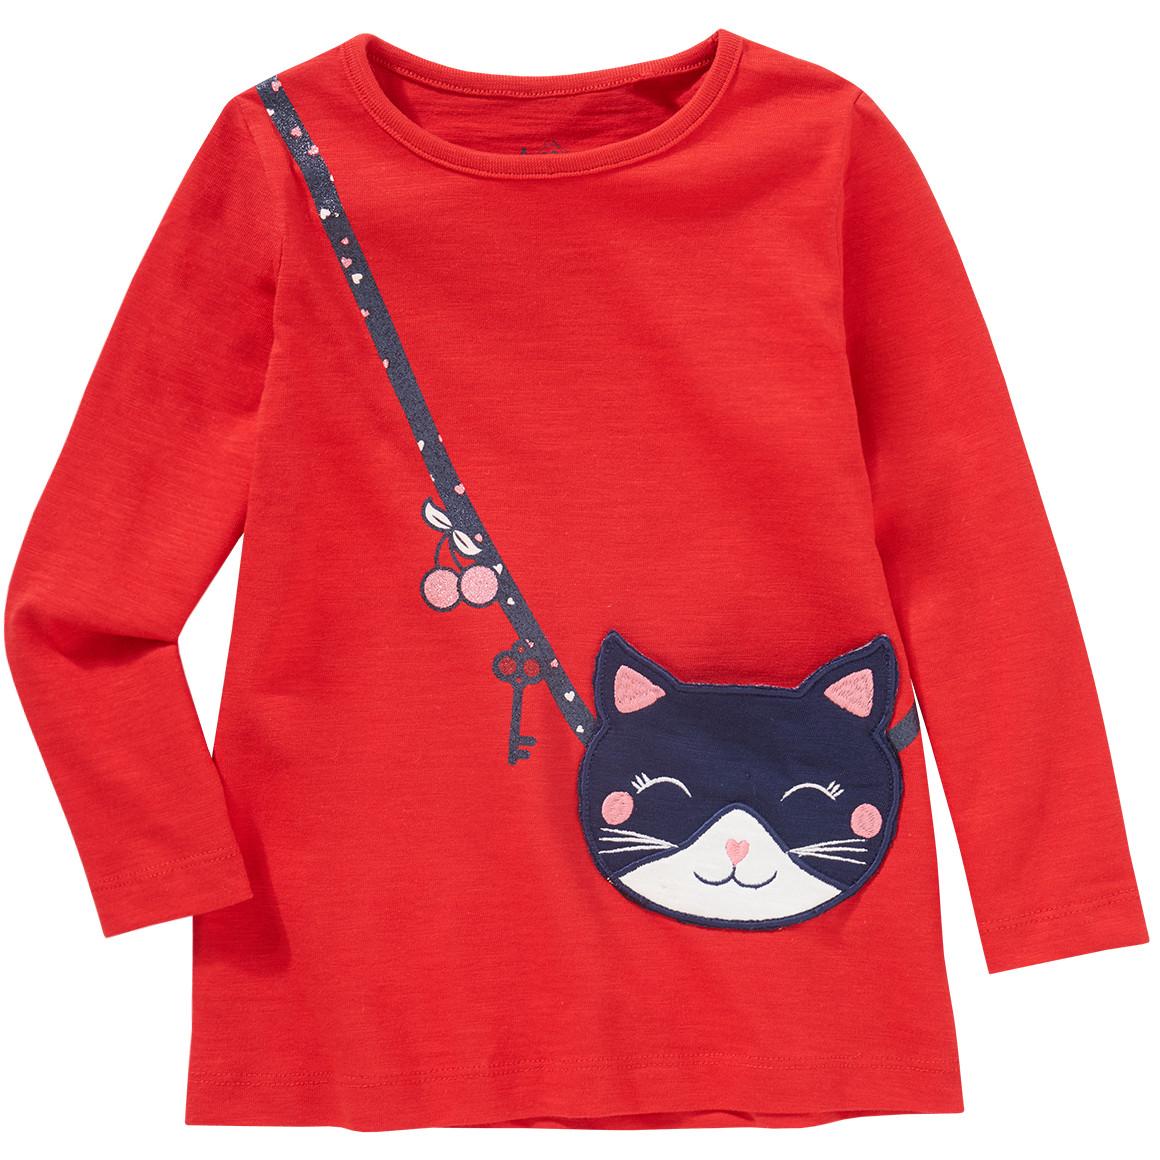 Minigirloberteile - Mädchen Langarmshirt mit aufgesetzter Tasche - Onlineshop Ernstings family